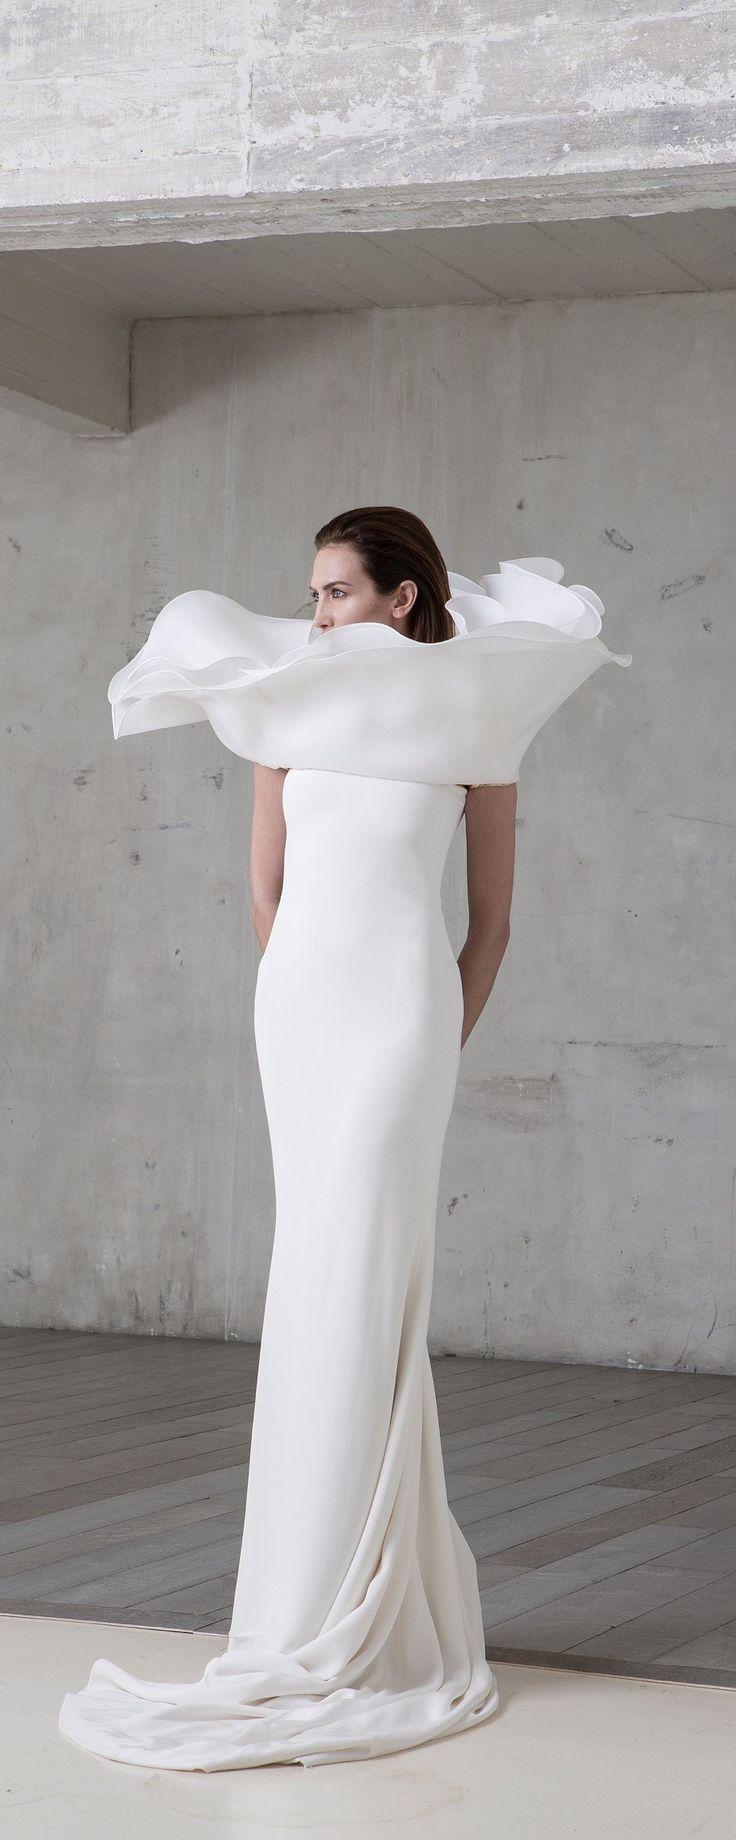 1000 id es sur le th me draps blancs sur pinterest linge de lit blanc blancs les plus blancs. Black Bedroom Furniture Sets. Home Design Ideas